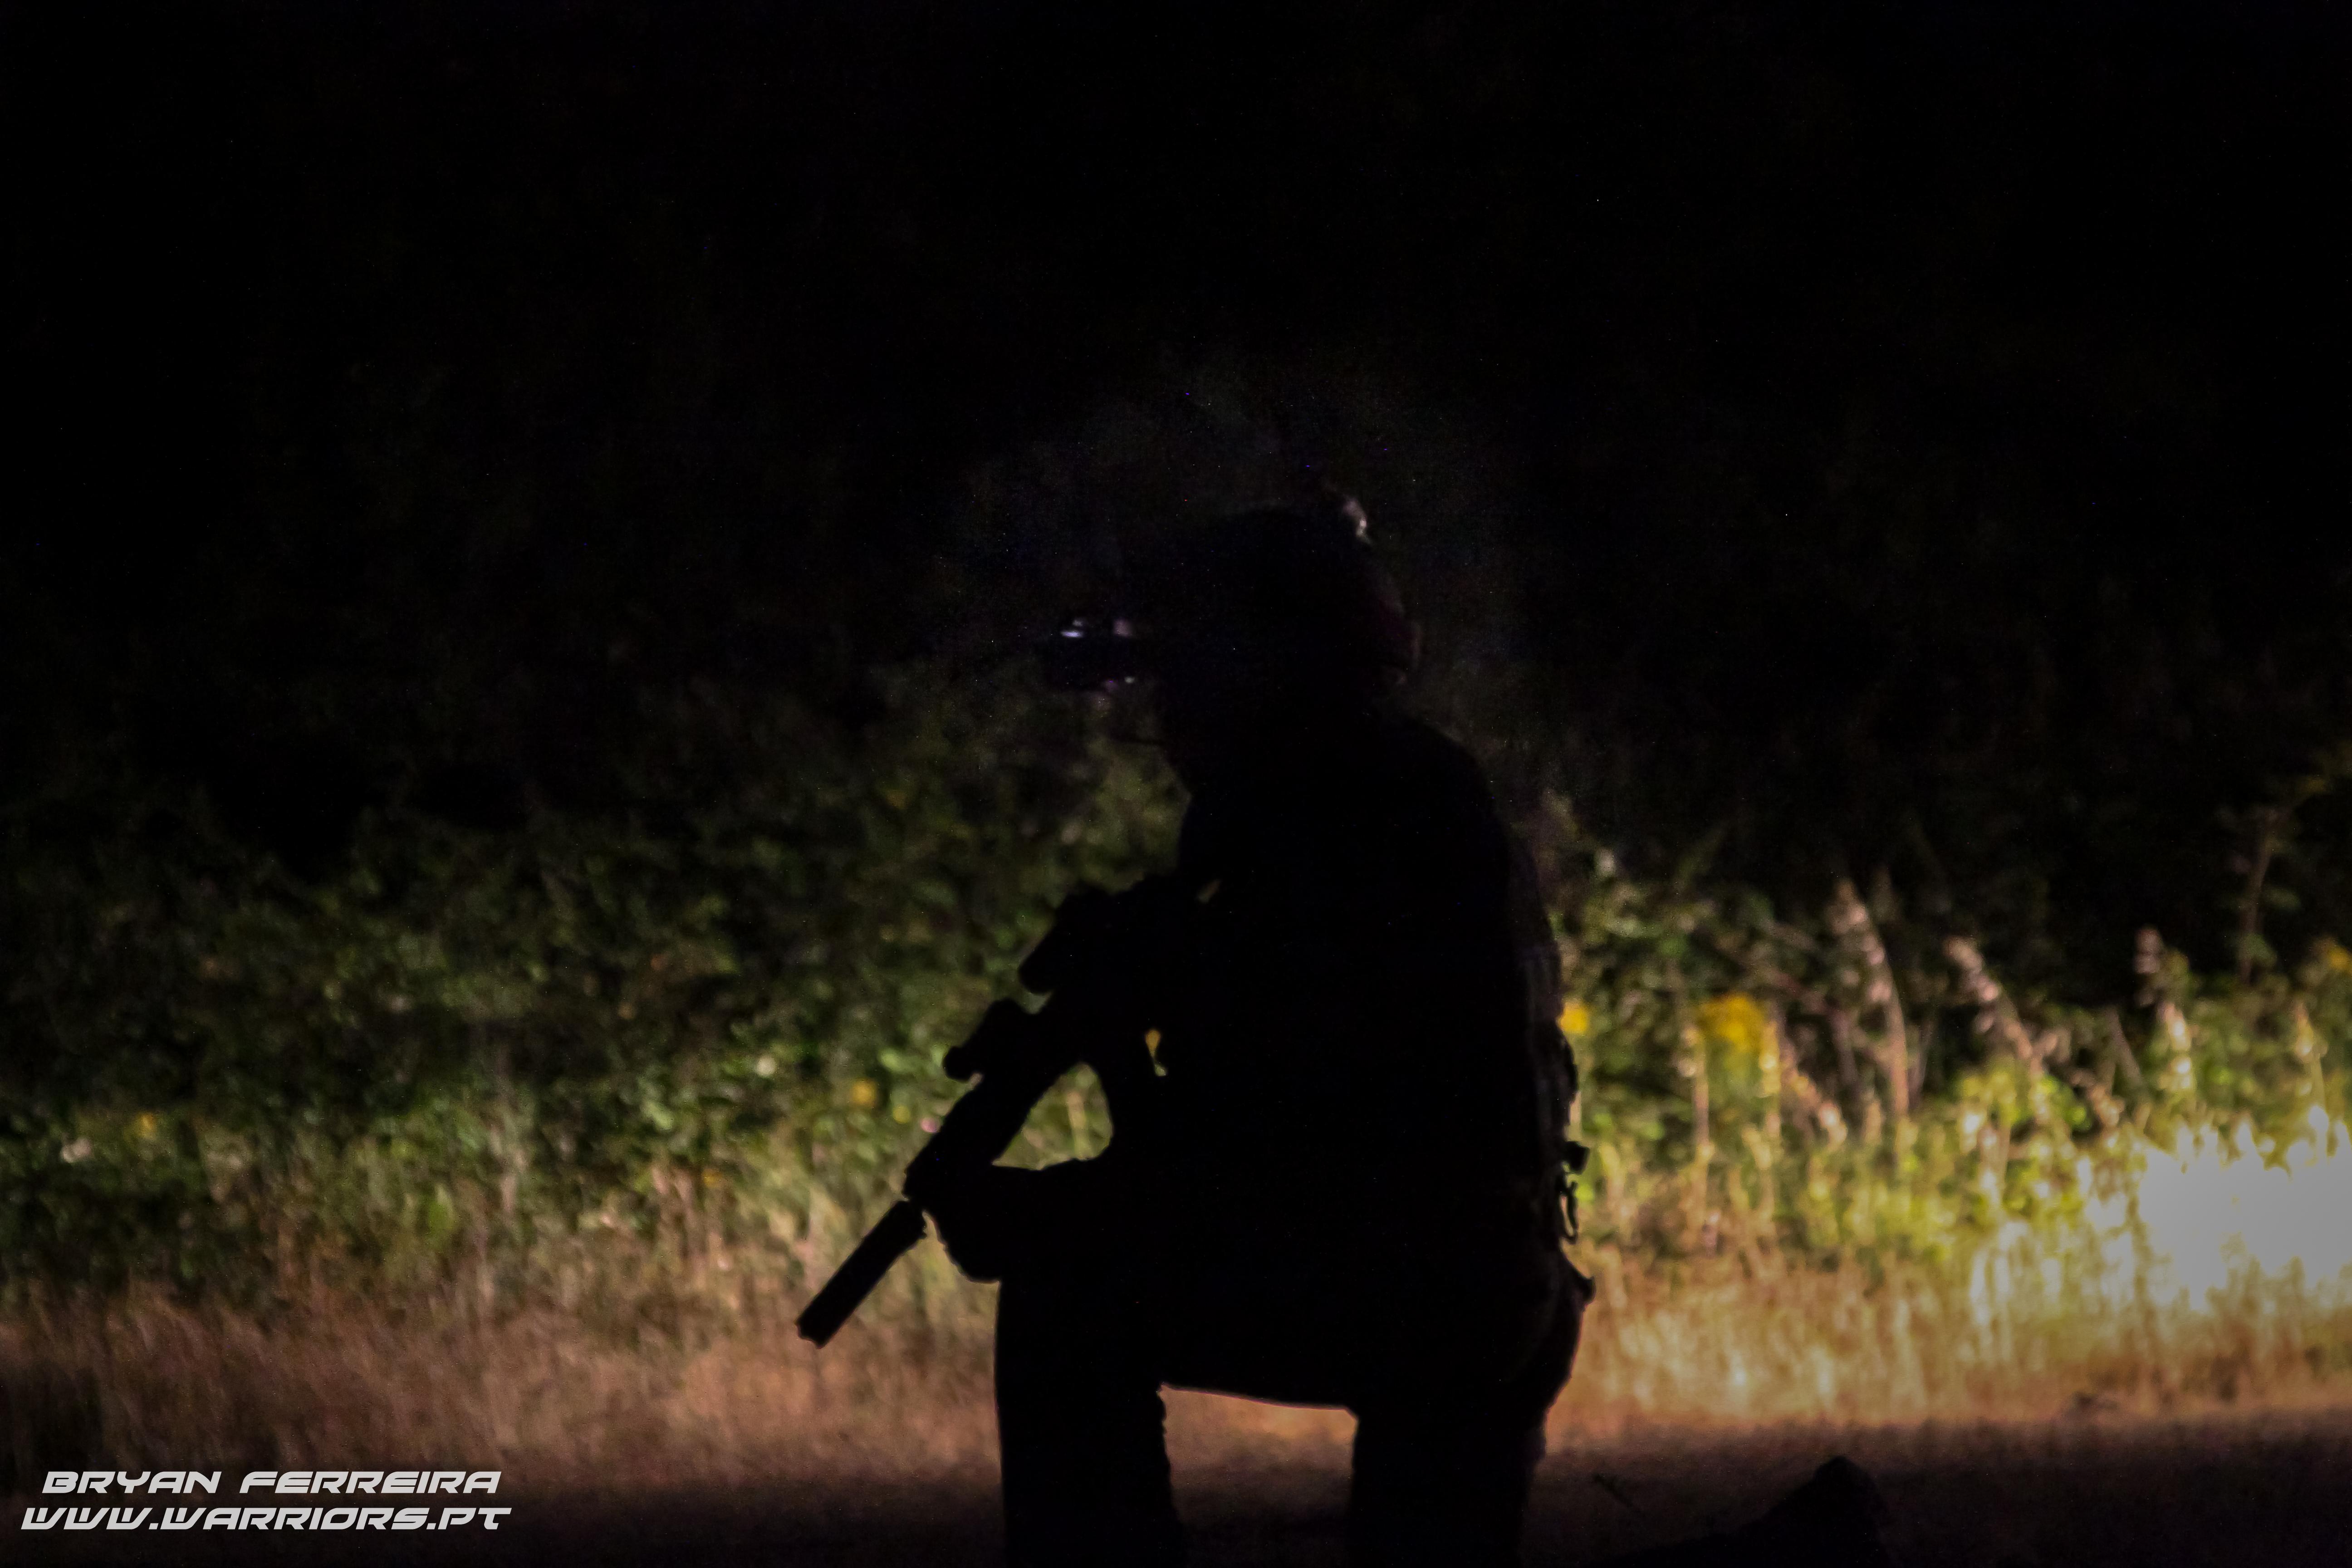 Forca de Operacoes Especiais executa raid nocturno para resgate de refens